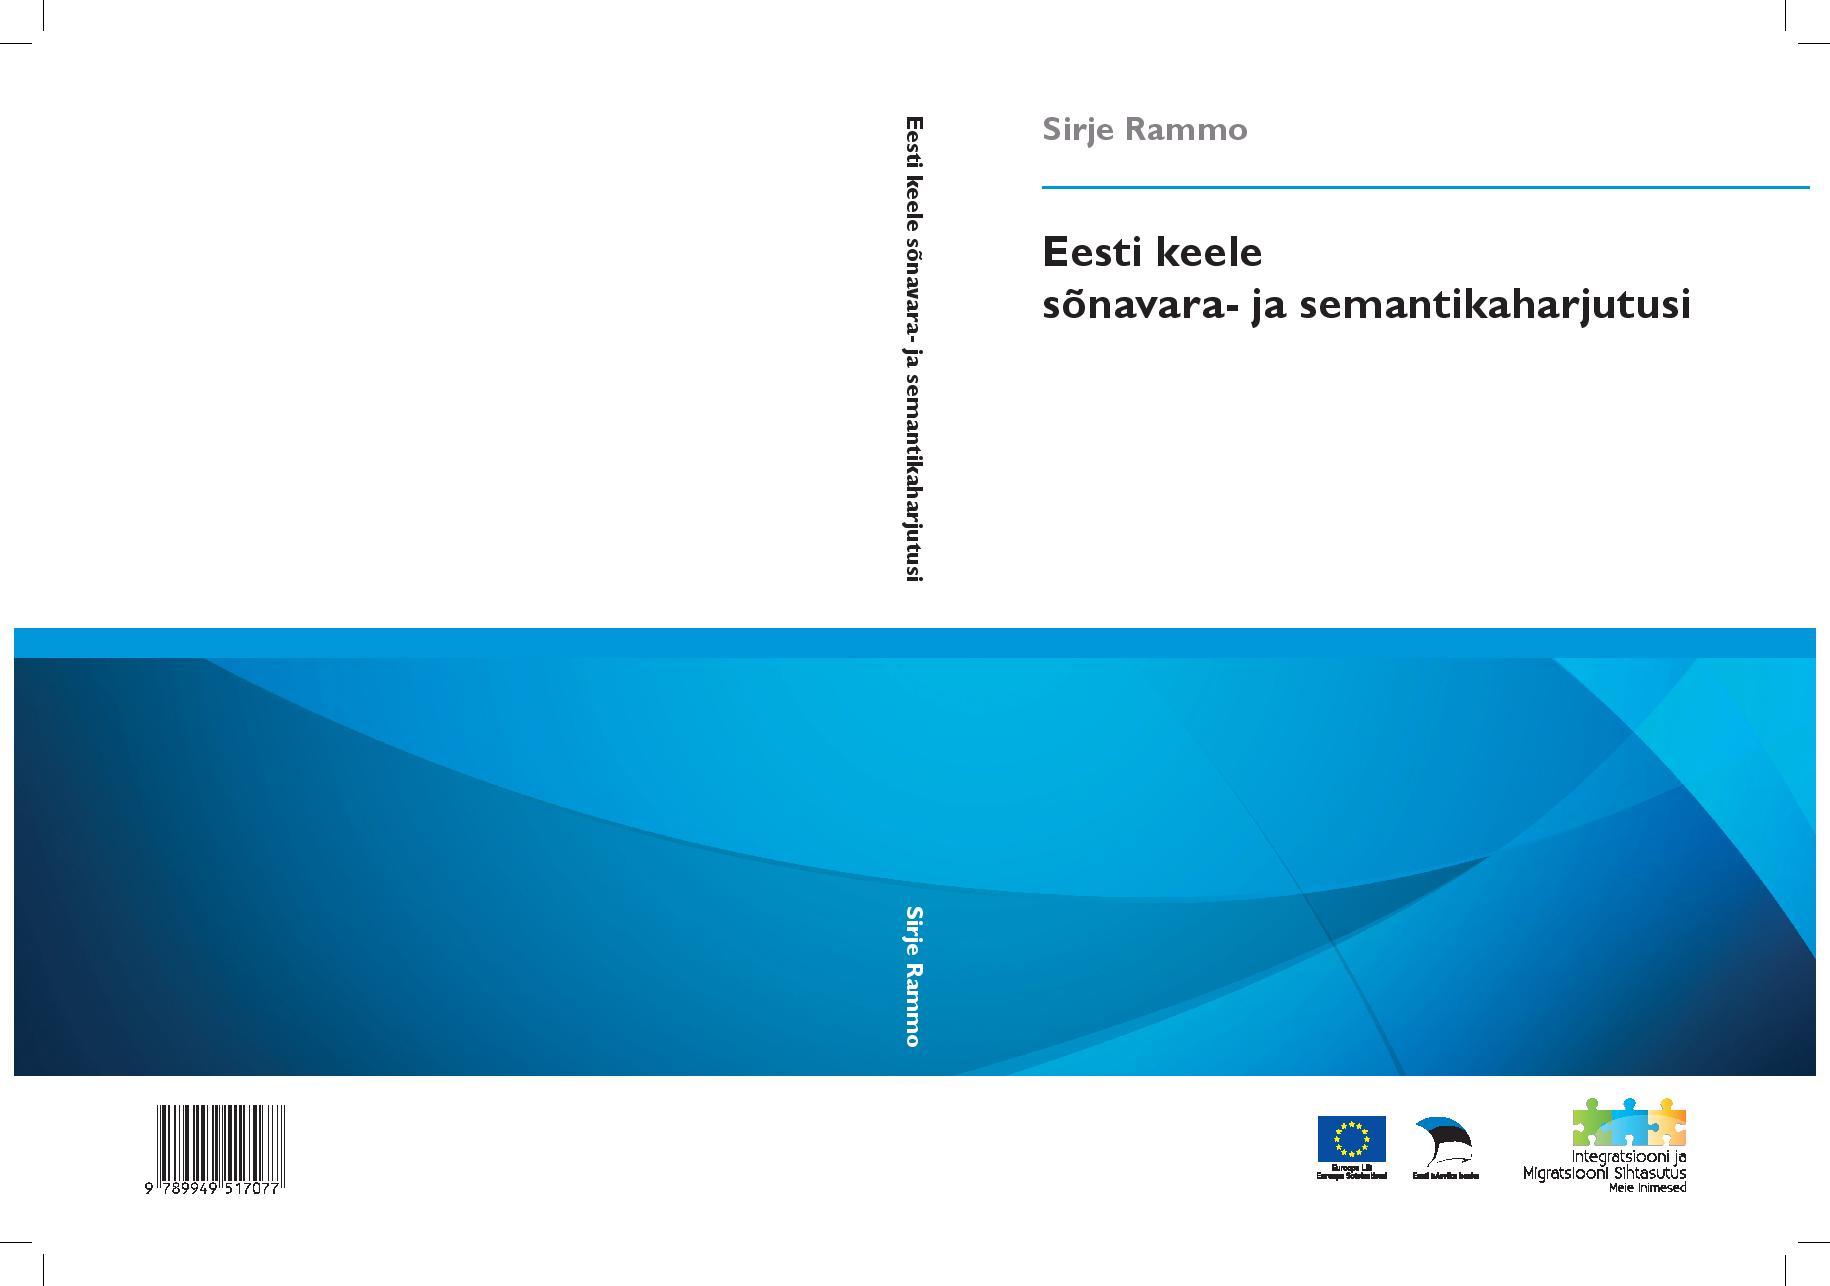 <dt>Заголовок: </dt><dd> Eesti keele sõnavara- ja semantikaharjutusi</dd>